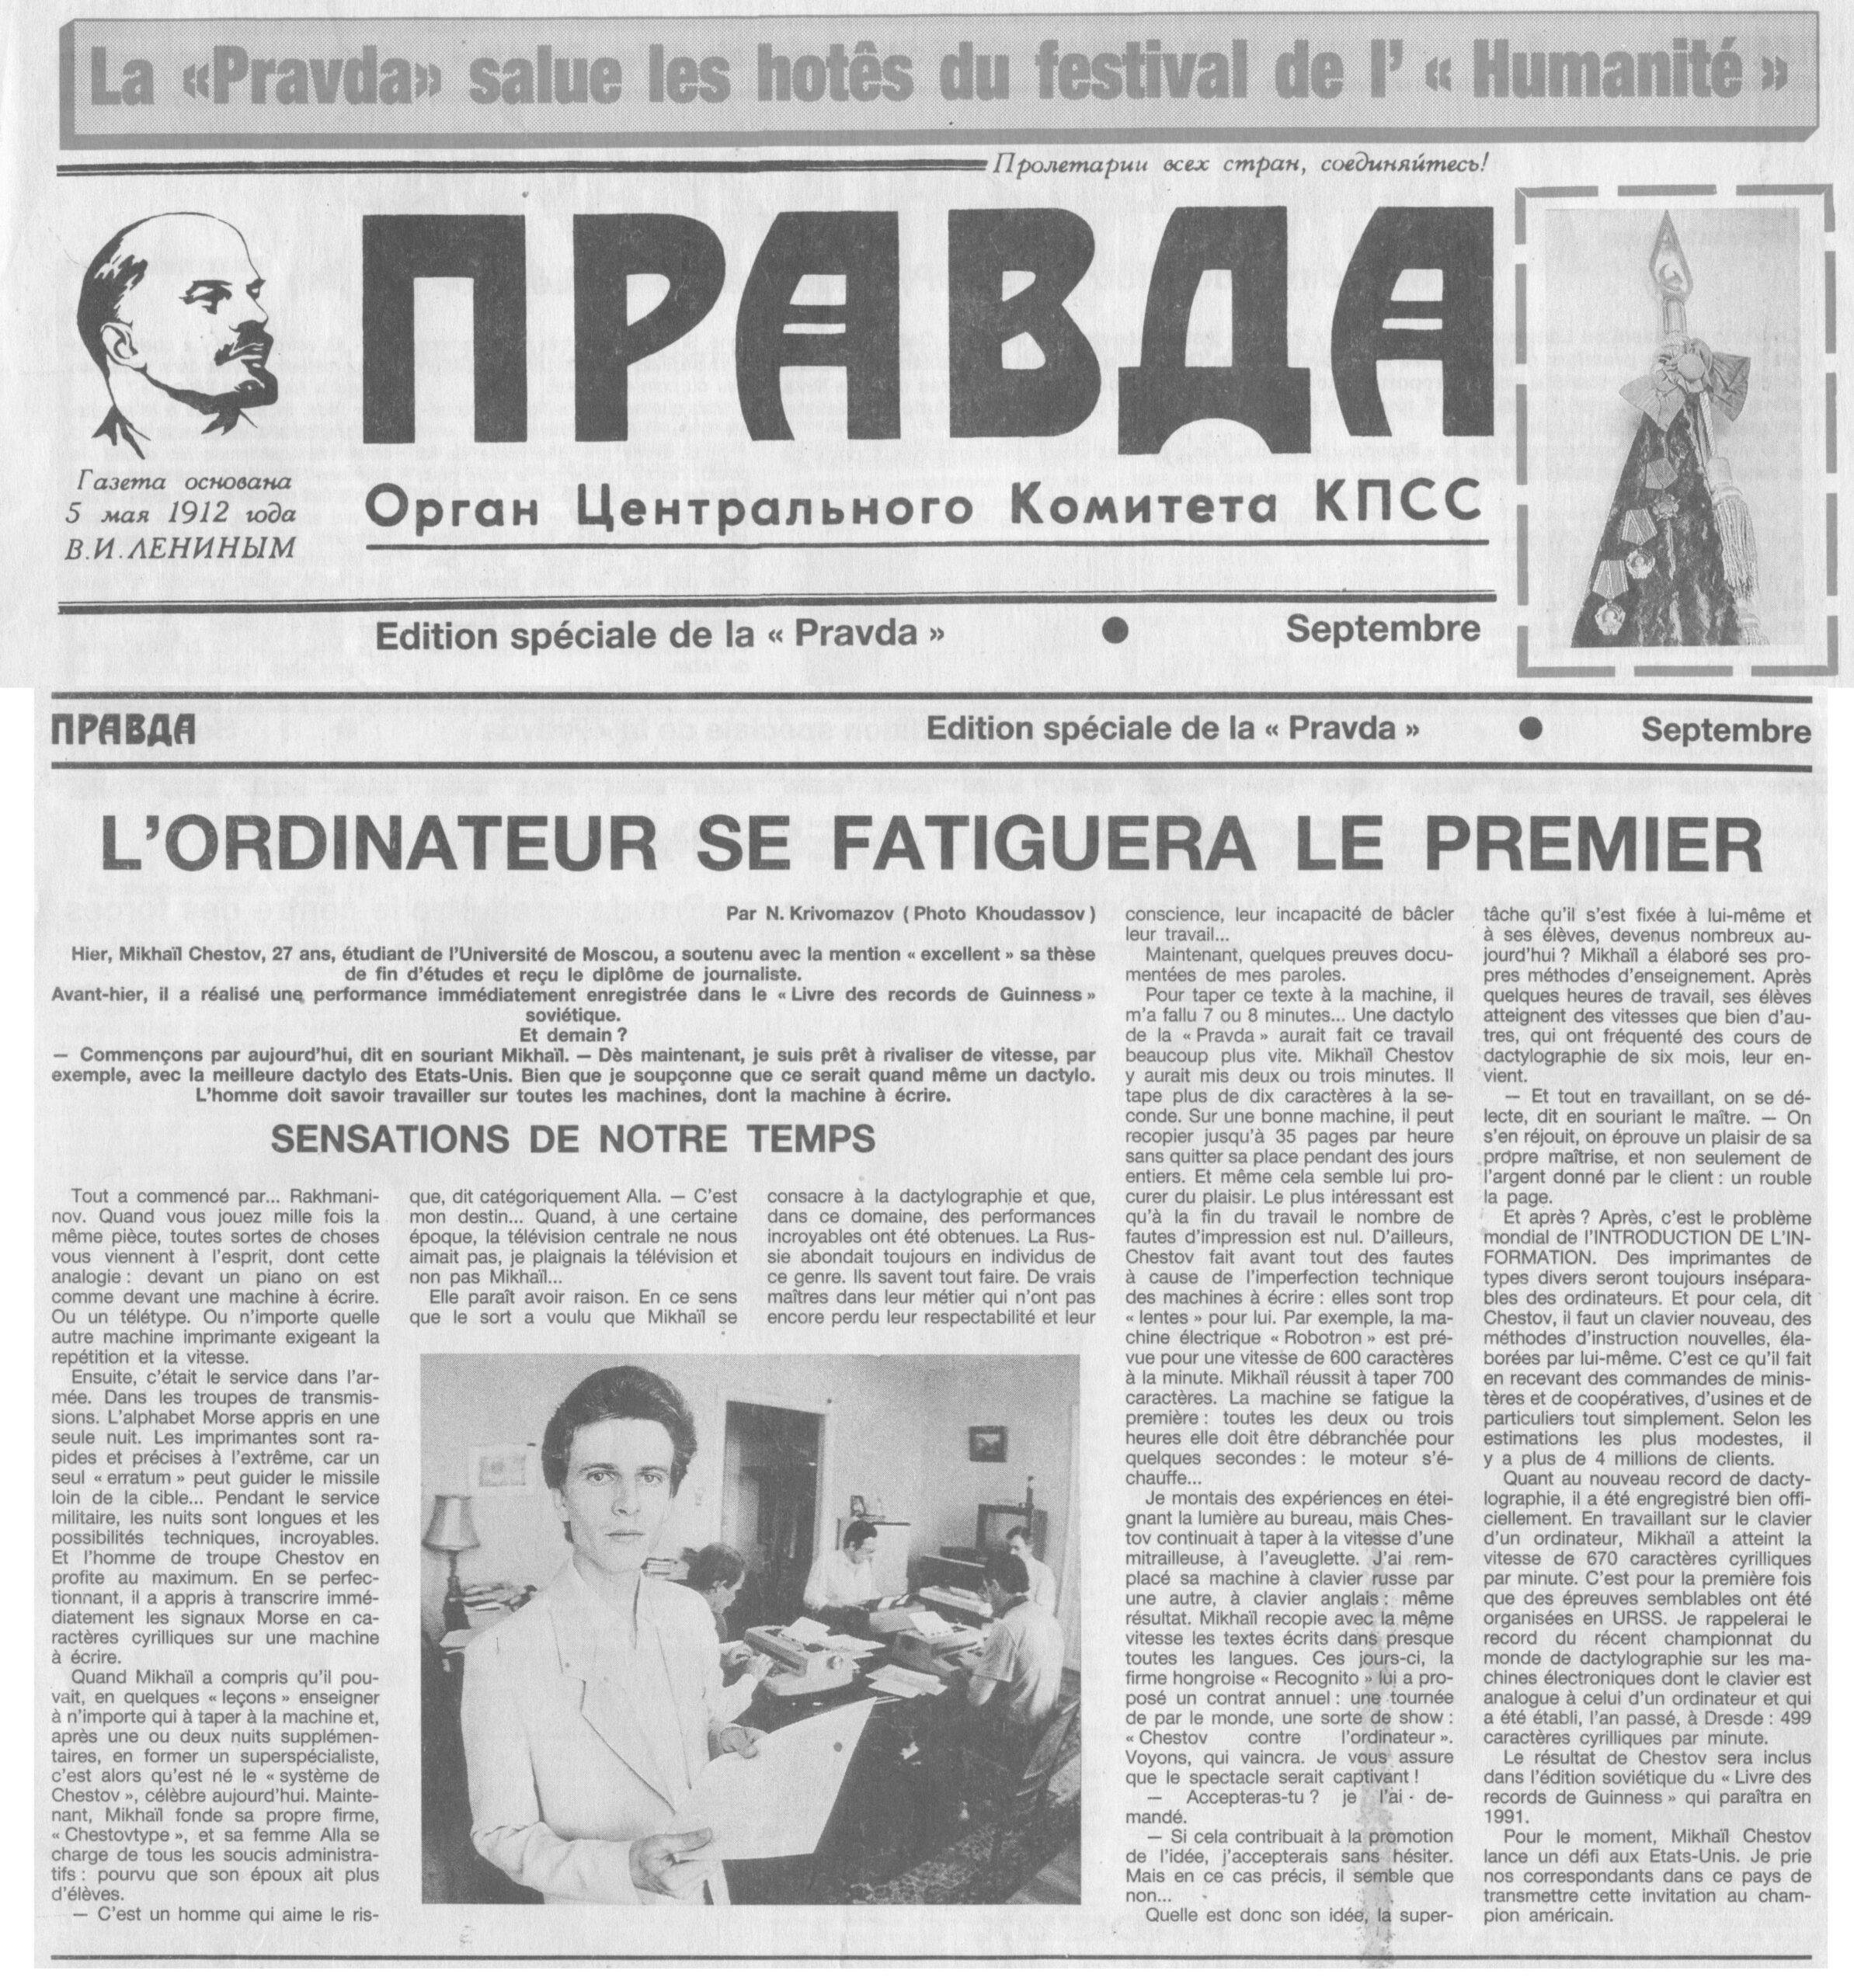 Sensations de notre temps, 1993